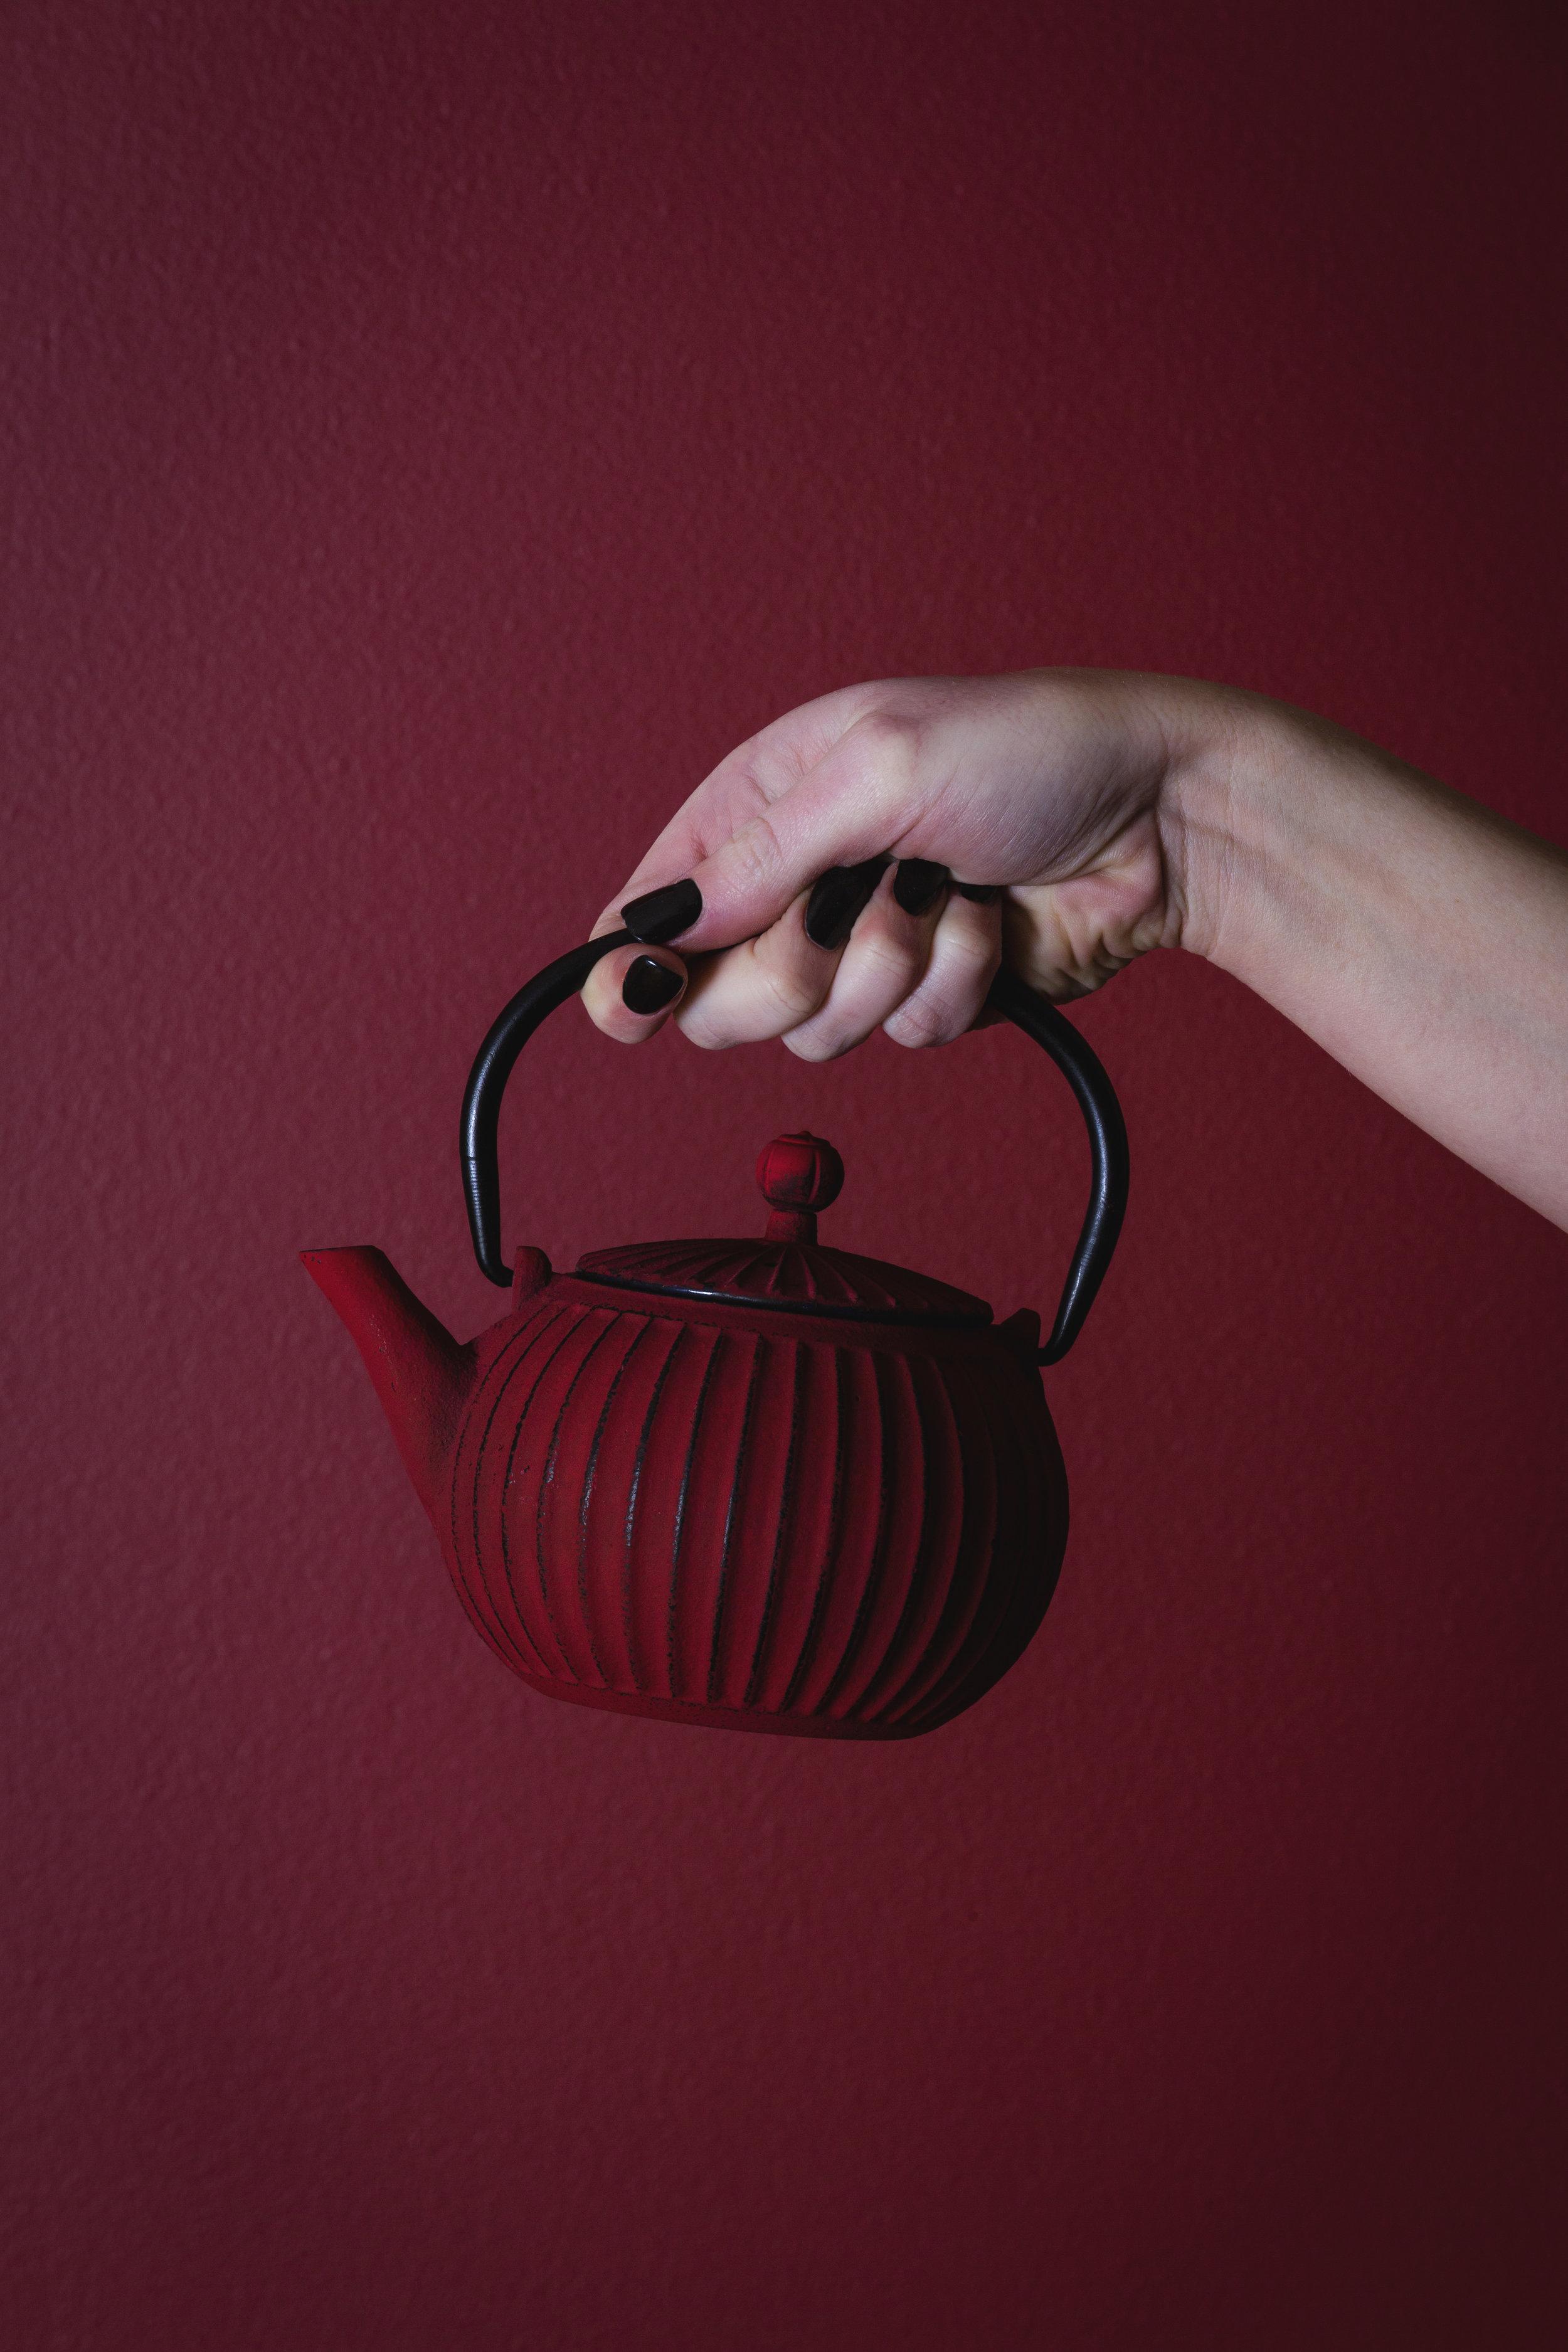 teapot_hand_01.JPG